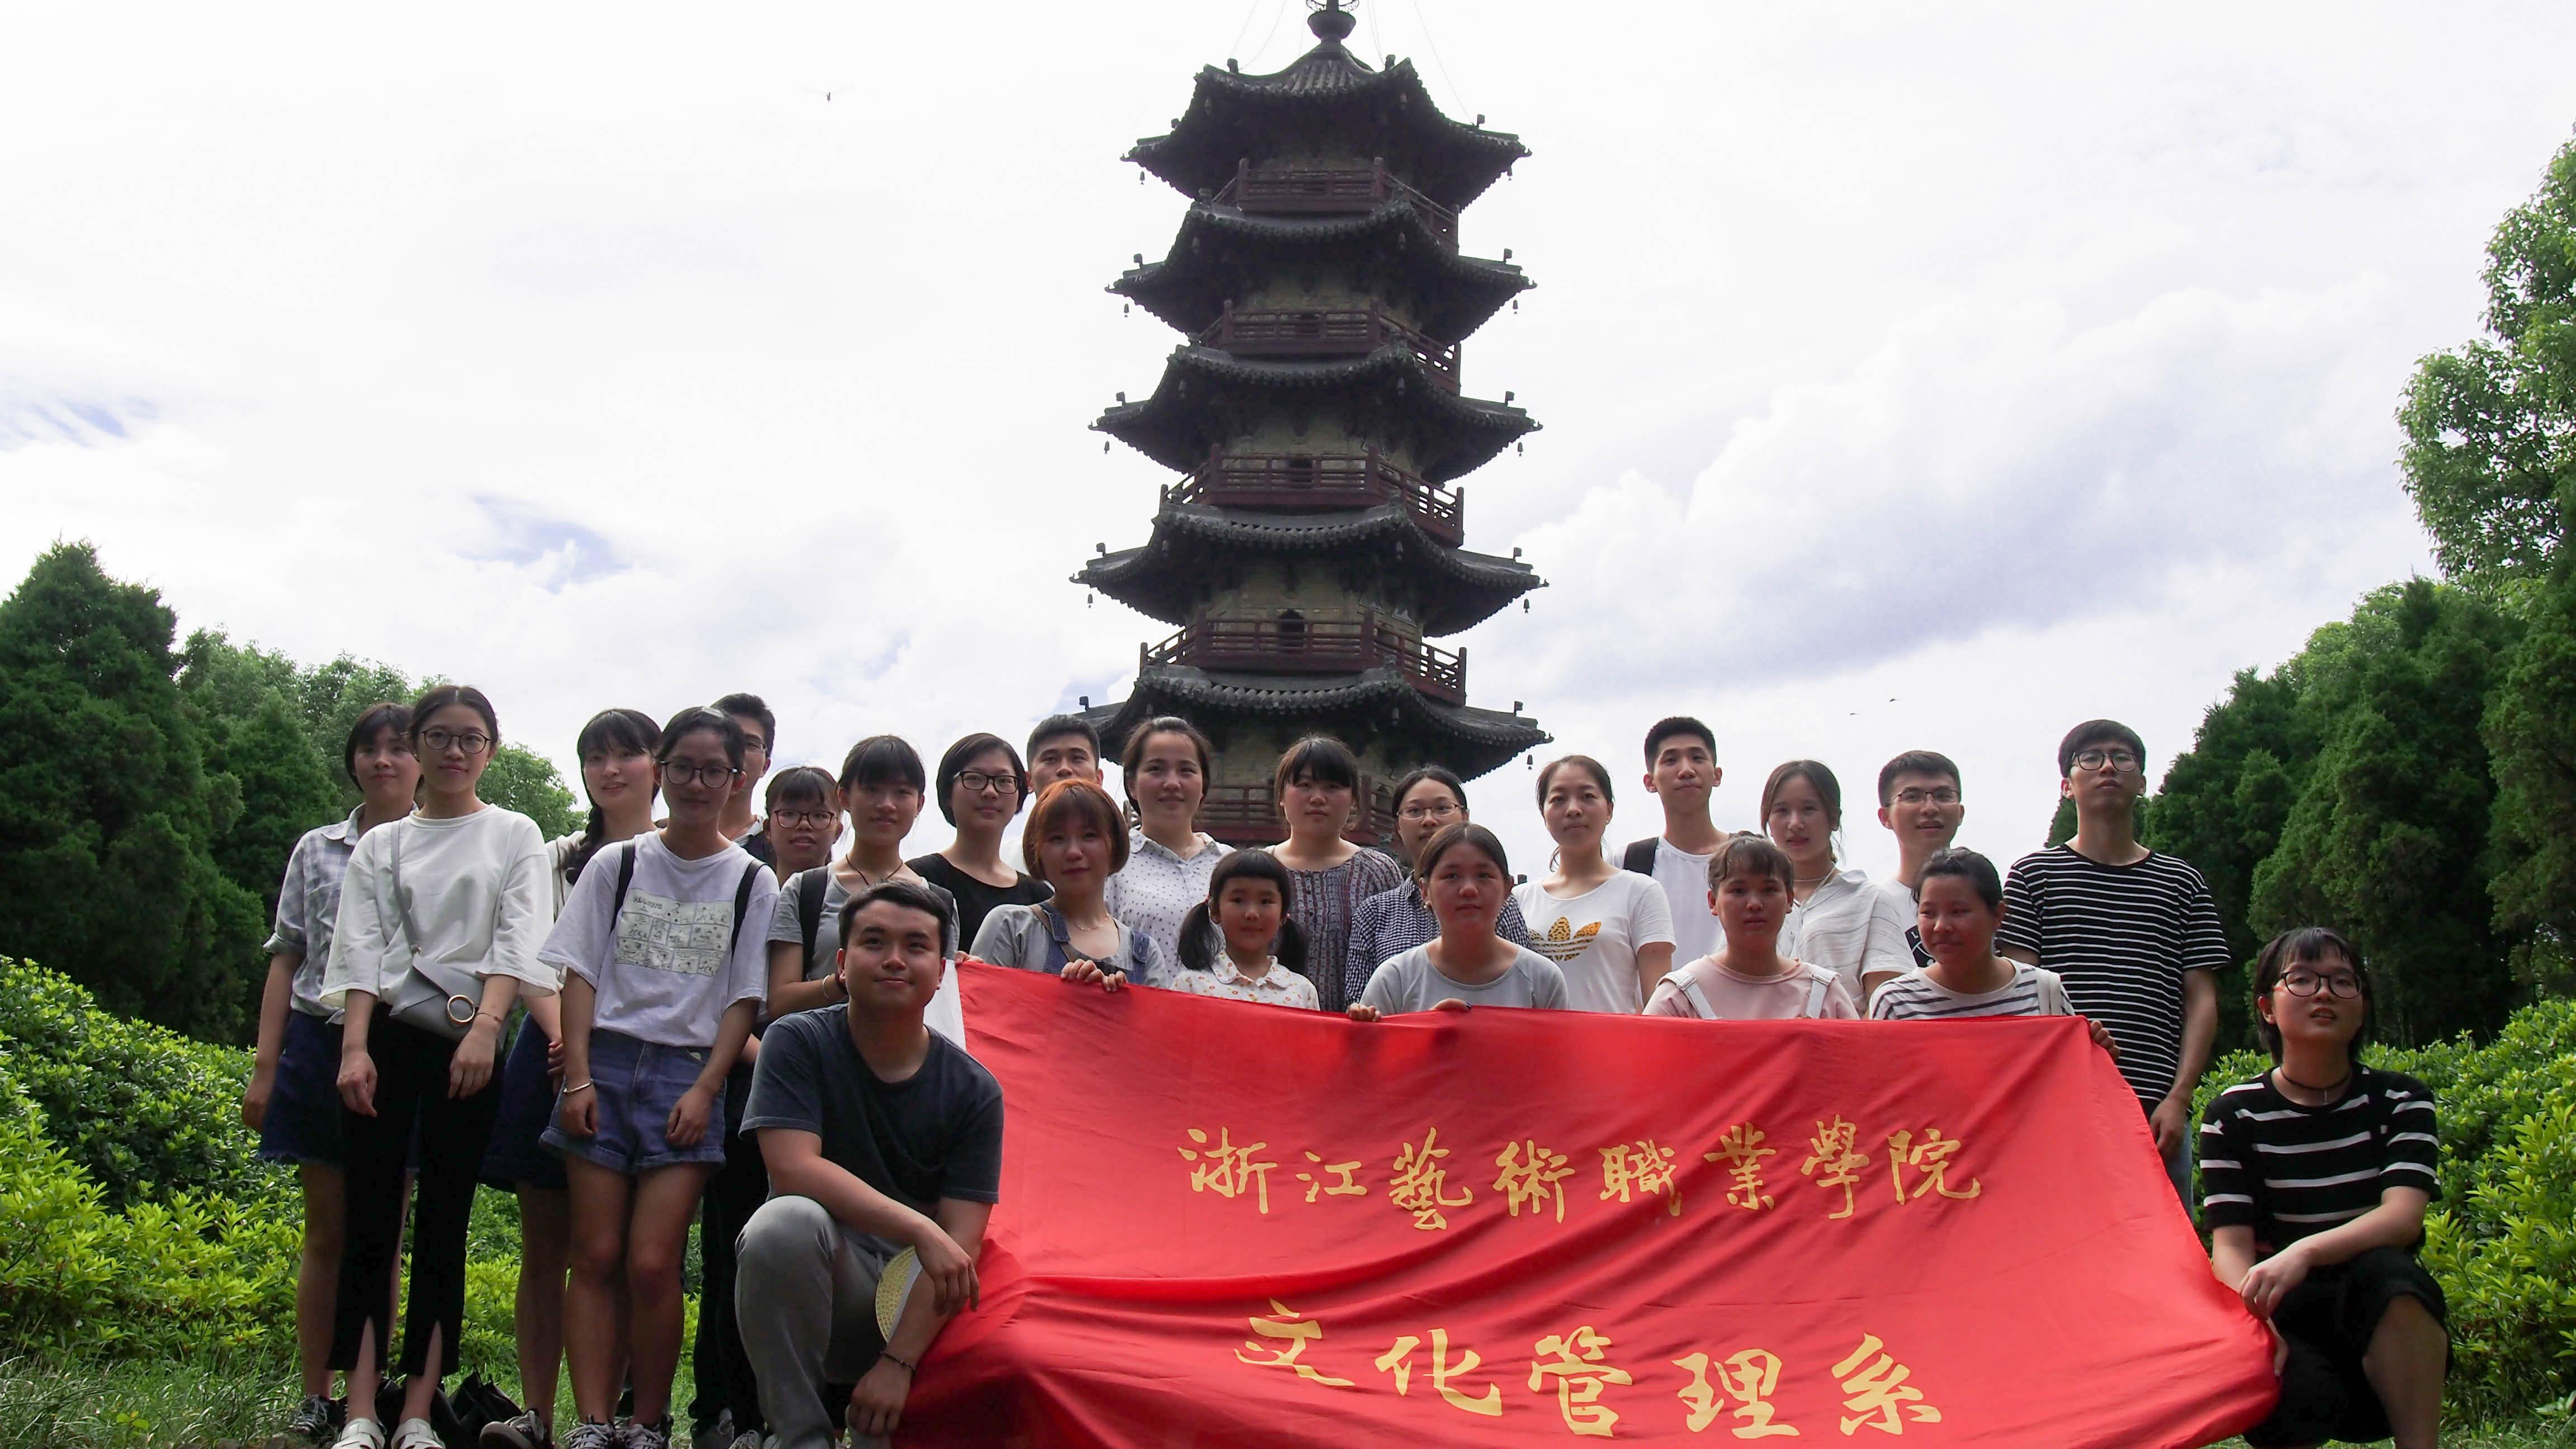 松阳博物馆,黄家大院,延庆寺塔和松阳乡村798,杨家塘村,酉田村等地.